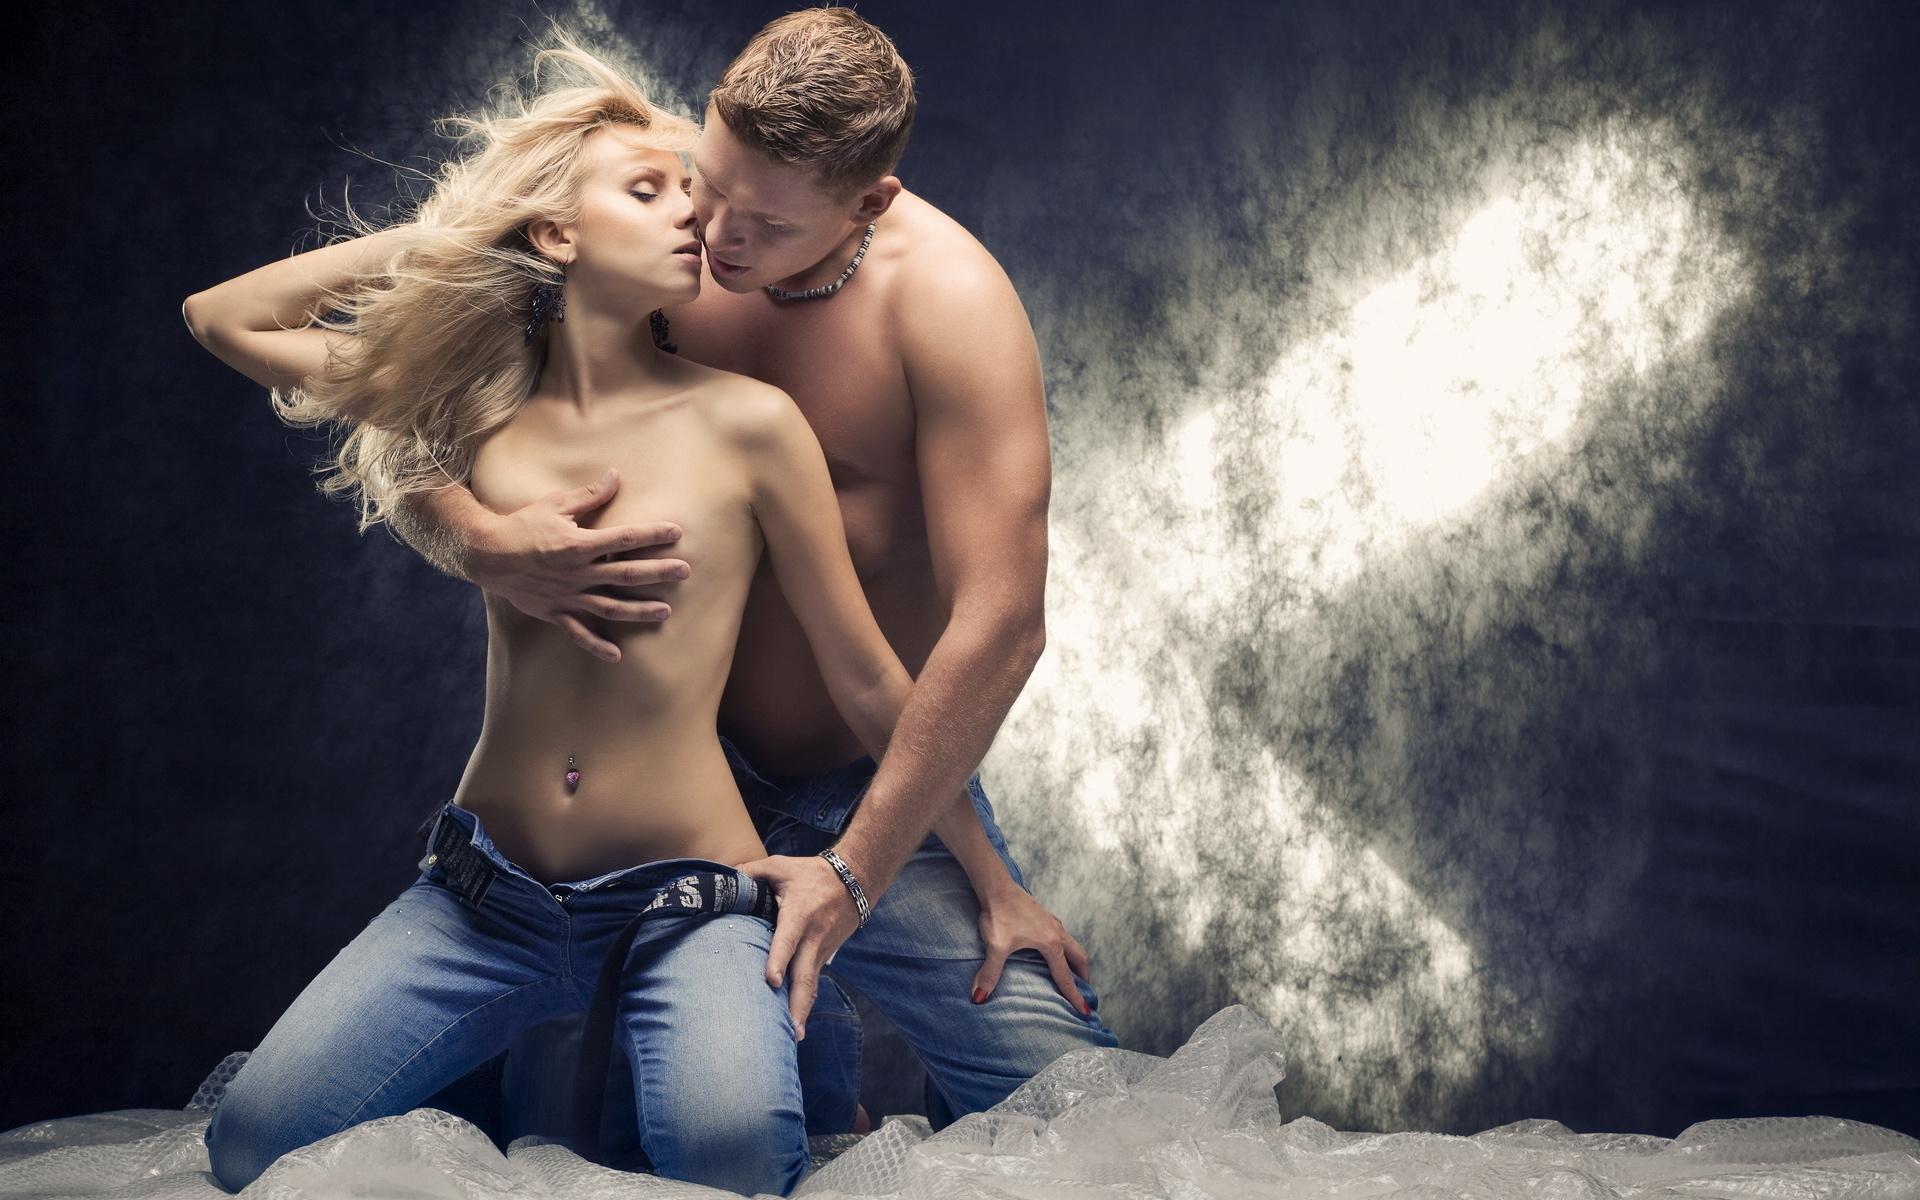 Целуются и раздеваются, Целуются Раздеваются (найденопорно видео.) 27 фотография